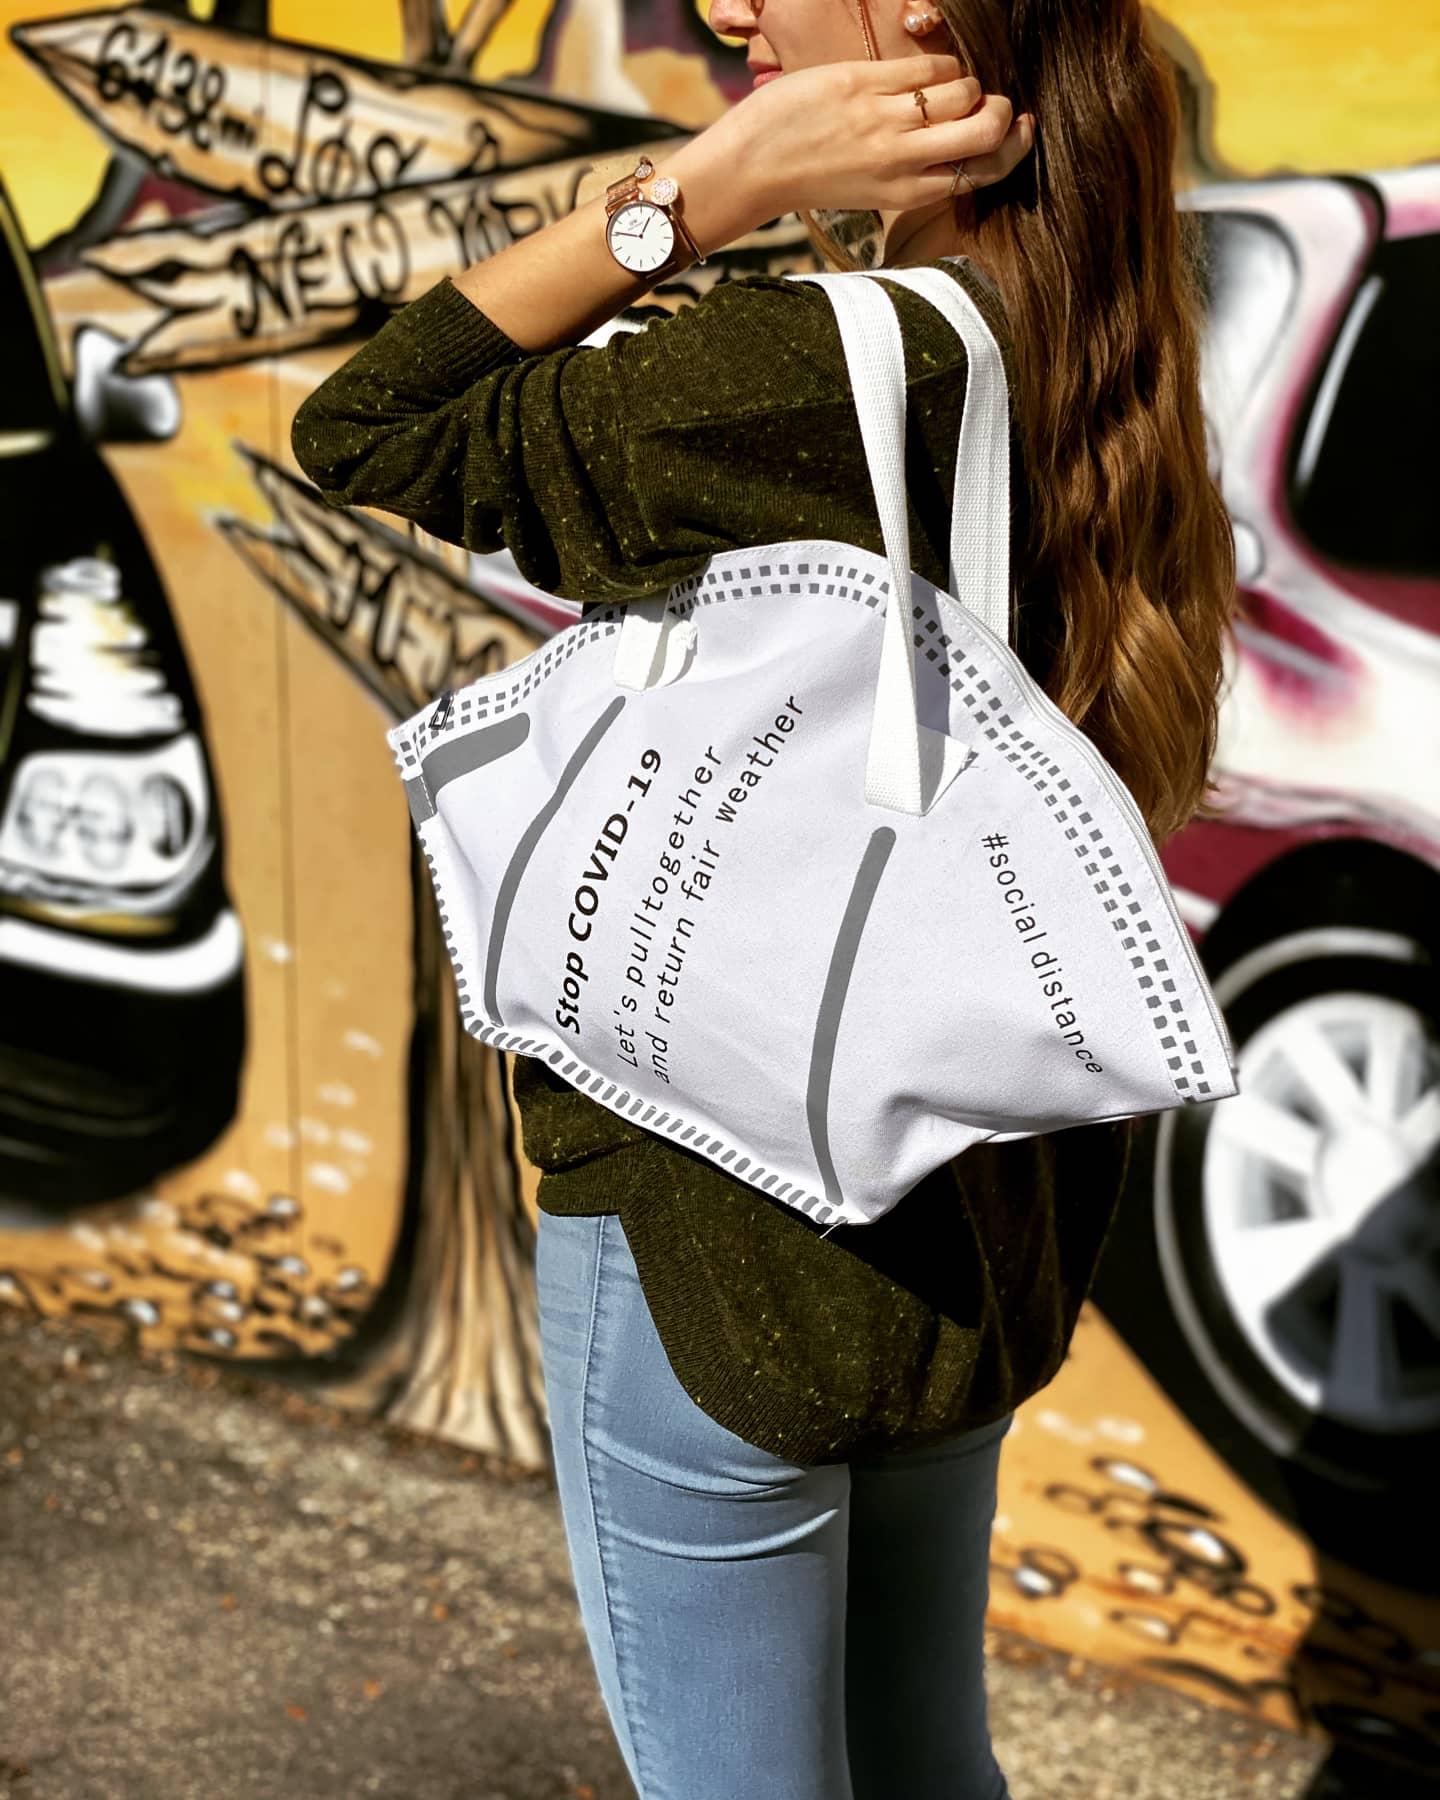 Handtasche zum Einkaufen, Shoppen - Design wie FFP2 Maske / Mundschutz M1